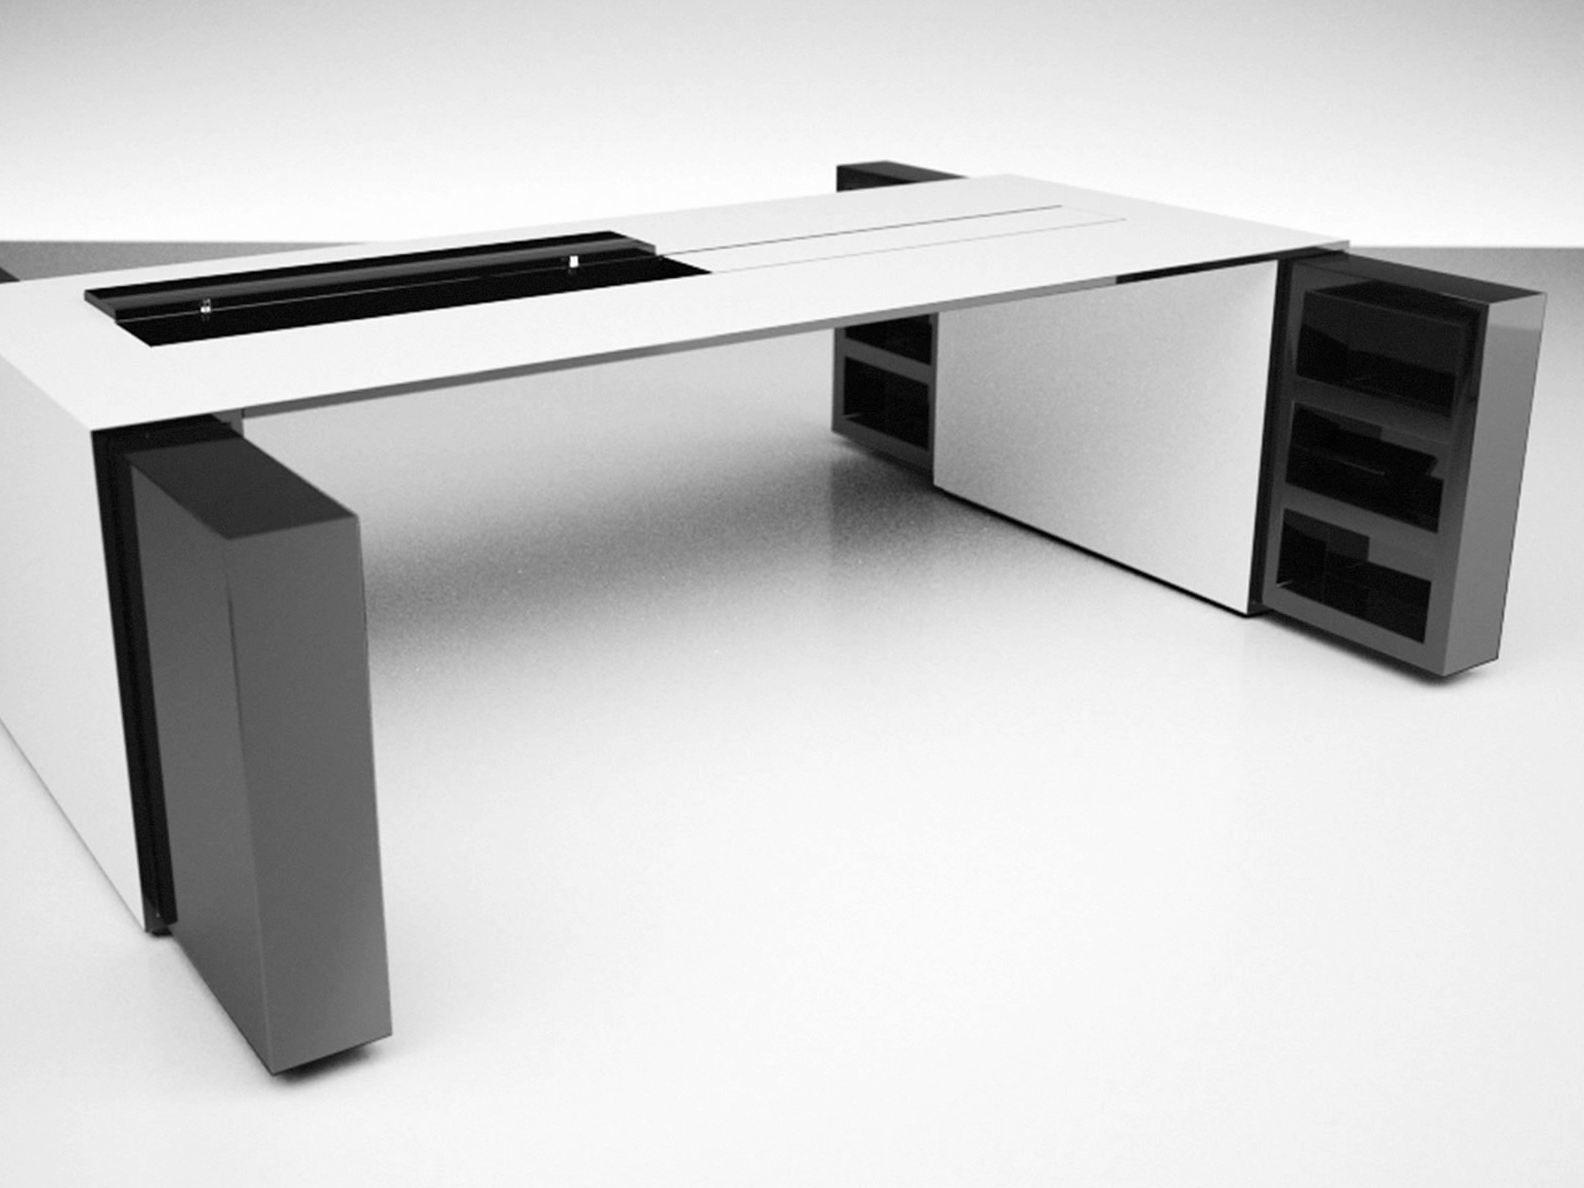 Schreibtisch Mit Bildergalerie : Rechteckiger b?ro schreibtisch mit regalen universi by rechteck felix schwake design